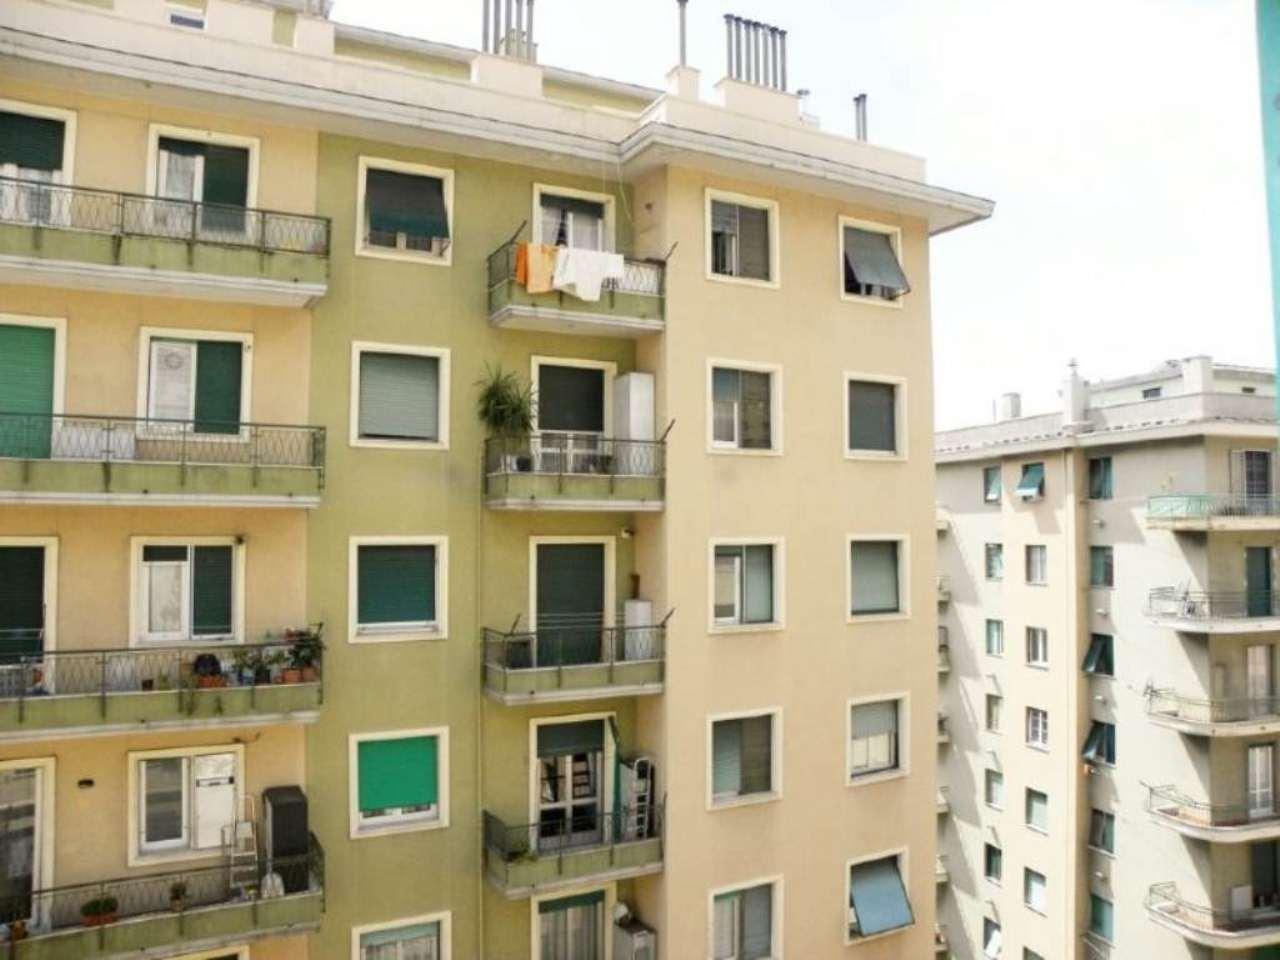 Bilocale Genova Via Dei Landi 10